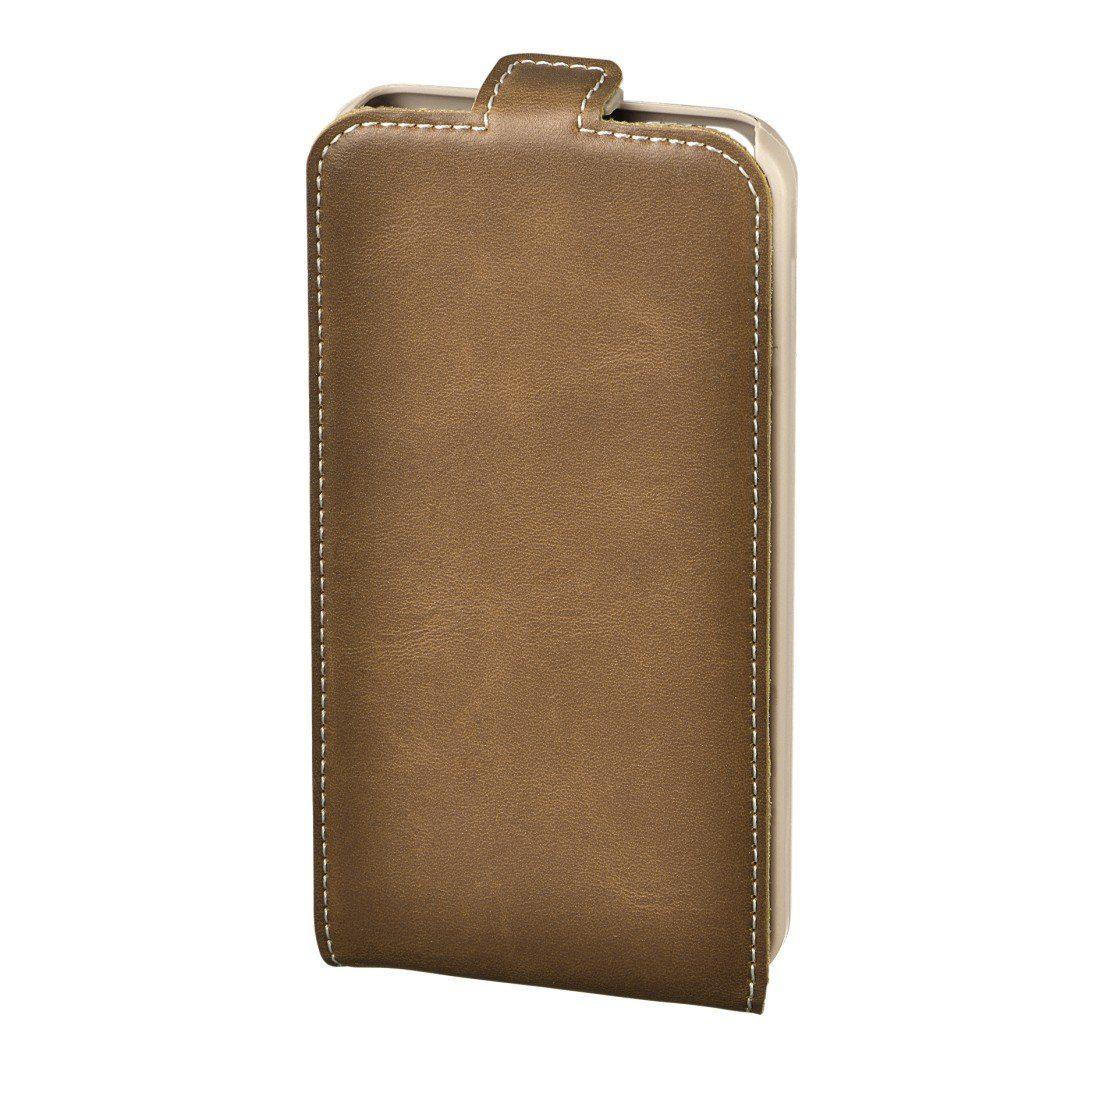 Hama Flap-Tasche Guard Case für Apple iPhone 5c, Braun/Natur